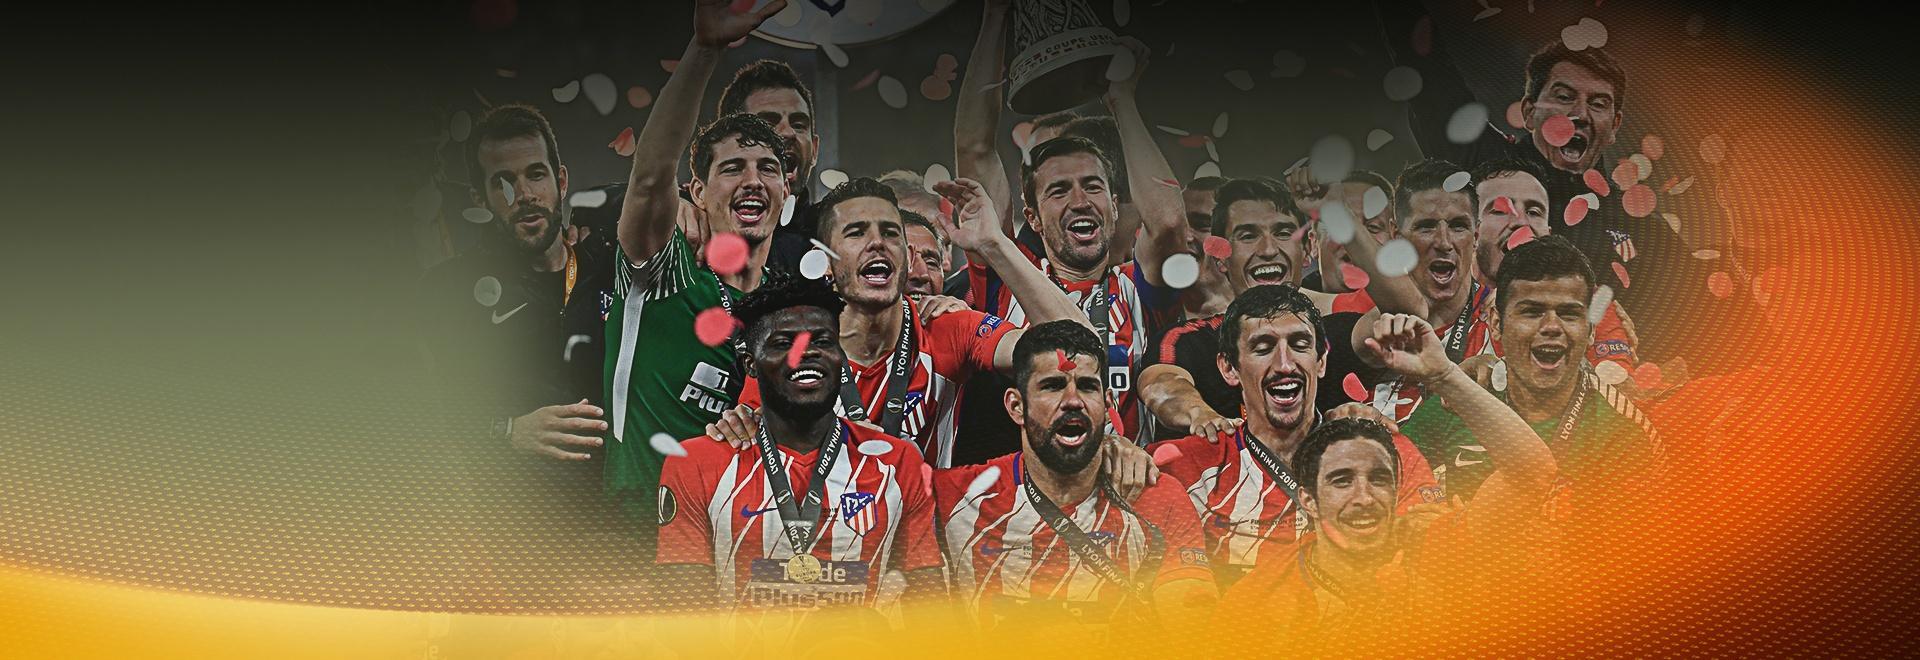 2016/2017: Manchester Utd